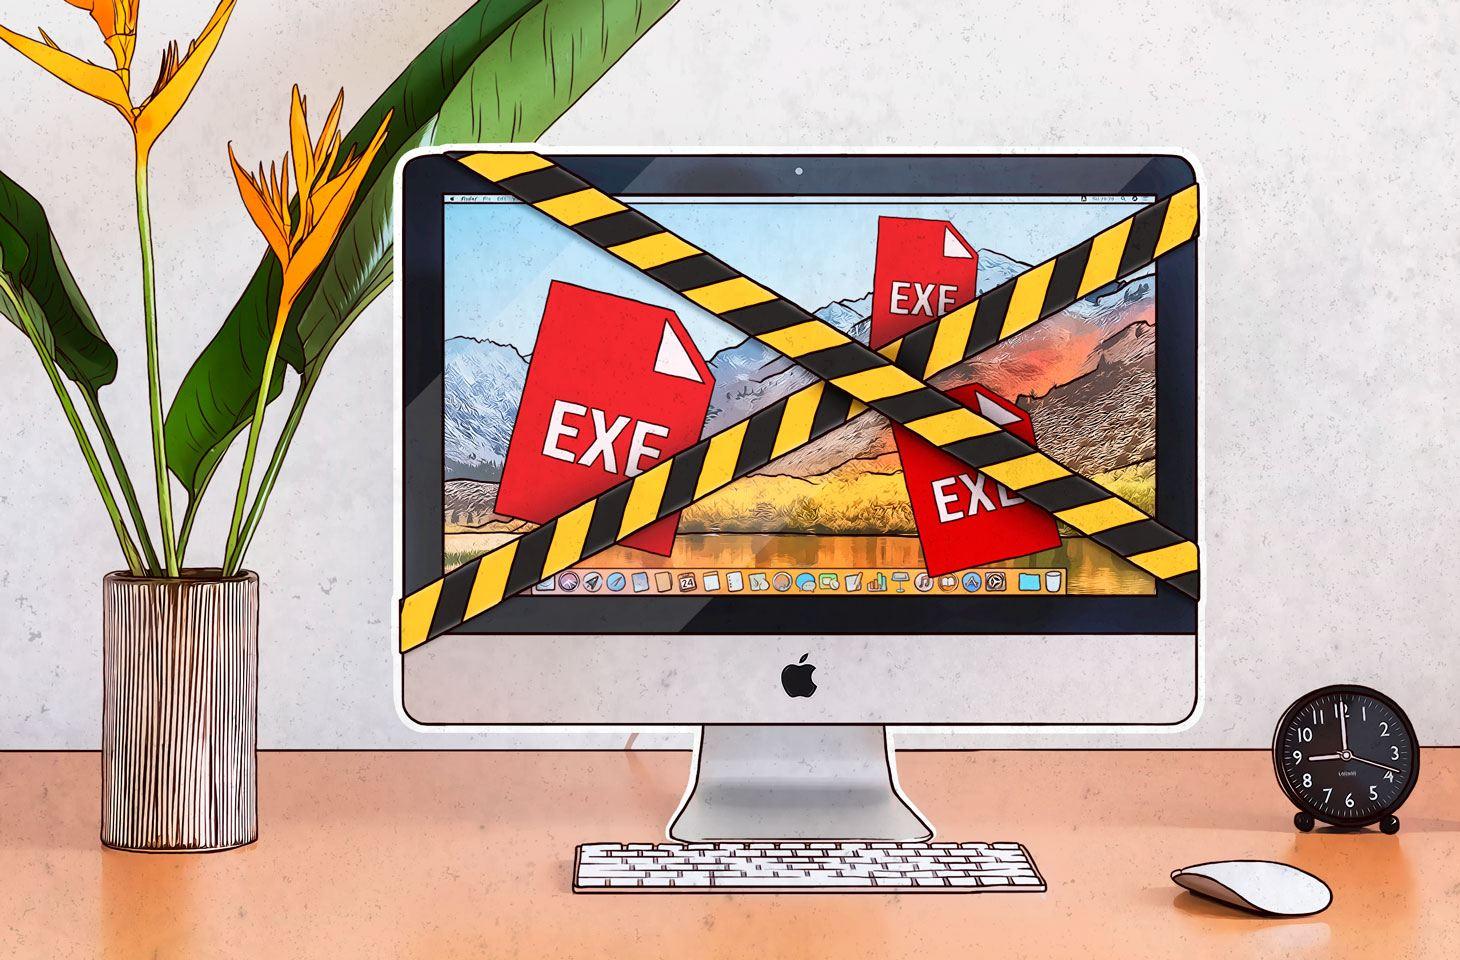 Une infection EXE pour votre Mac